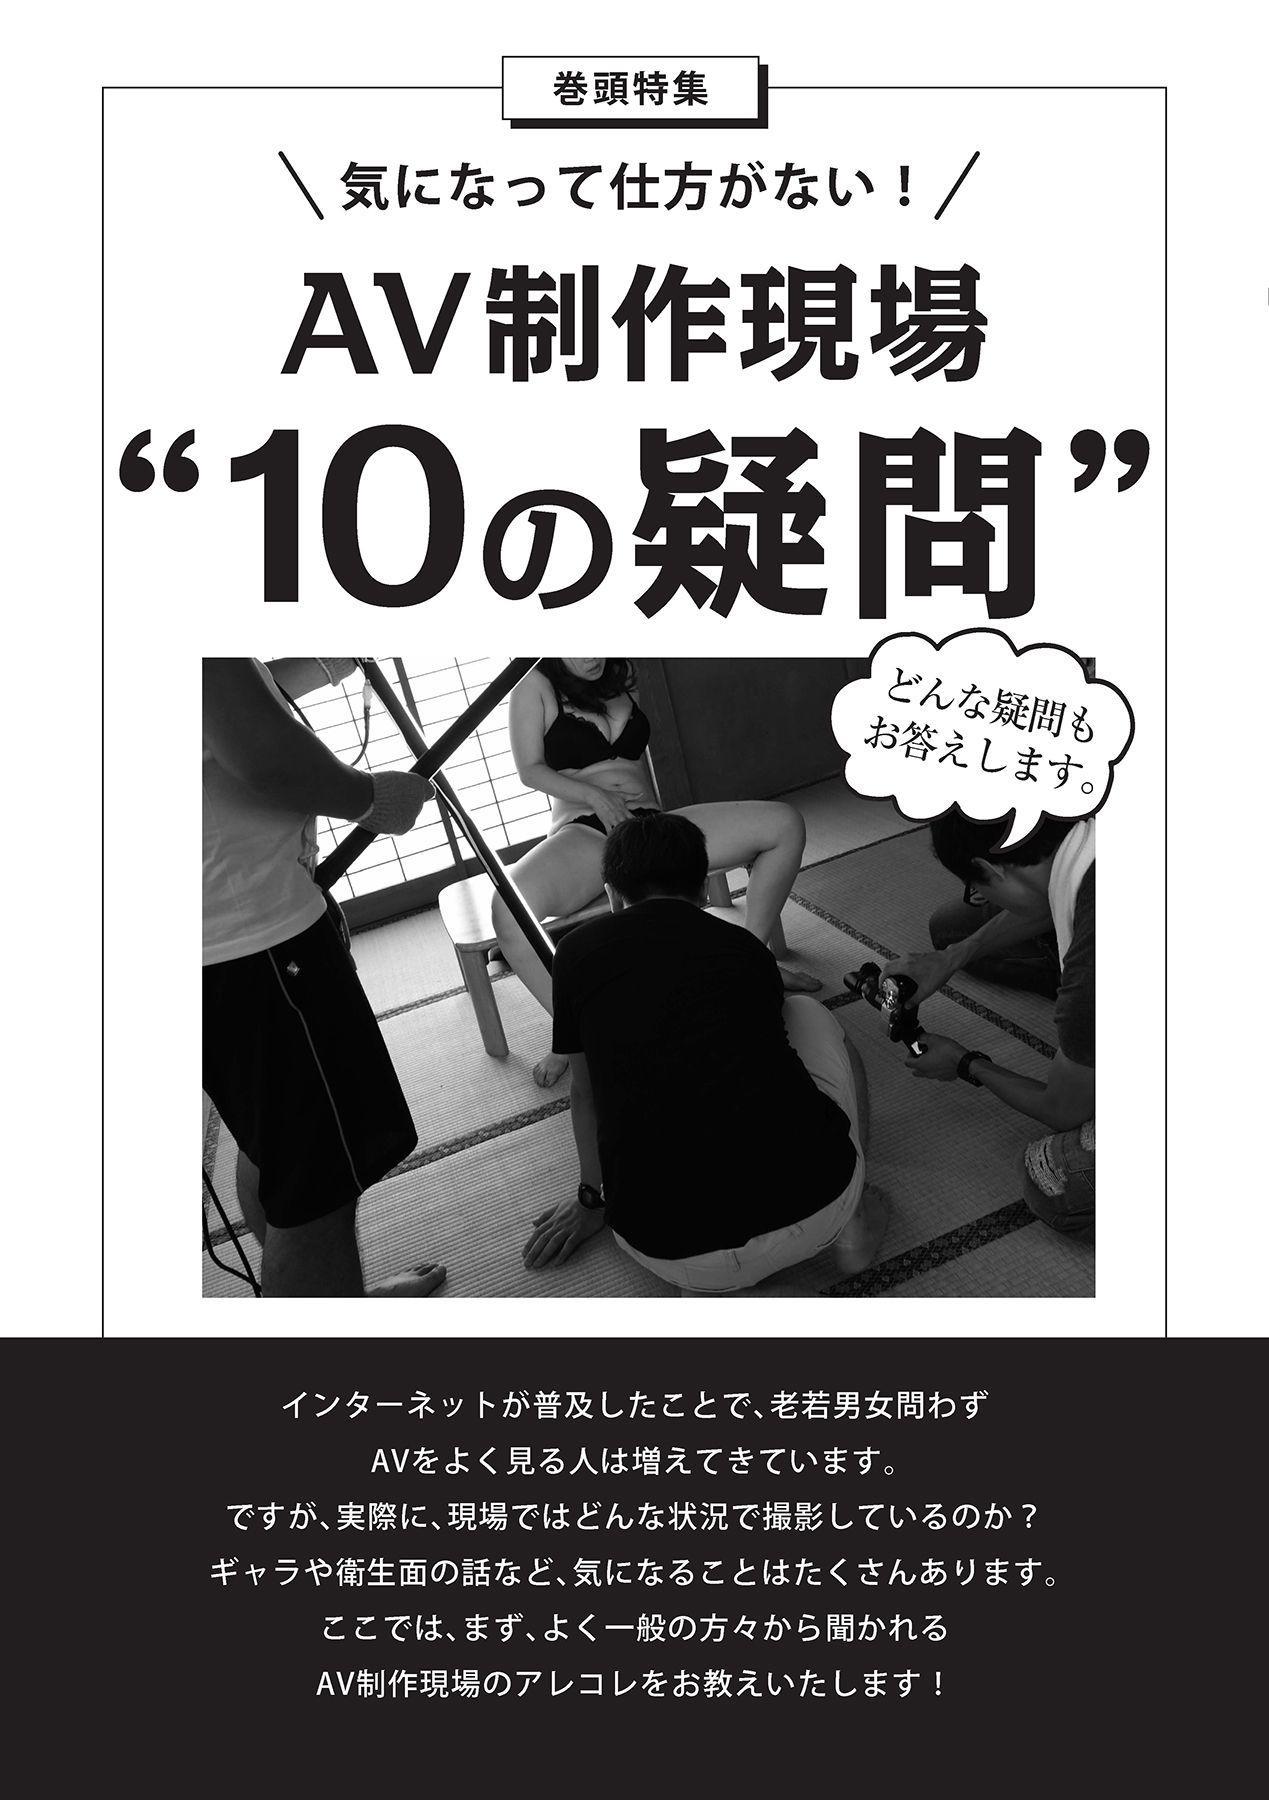 AV男優になろう! イラスト版 ヤリすぎッ! 6